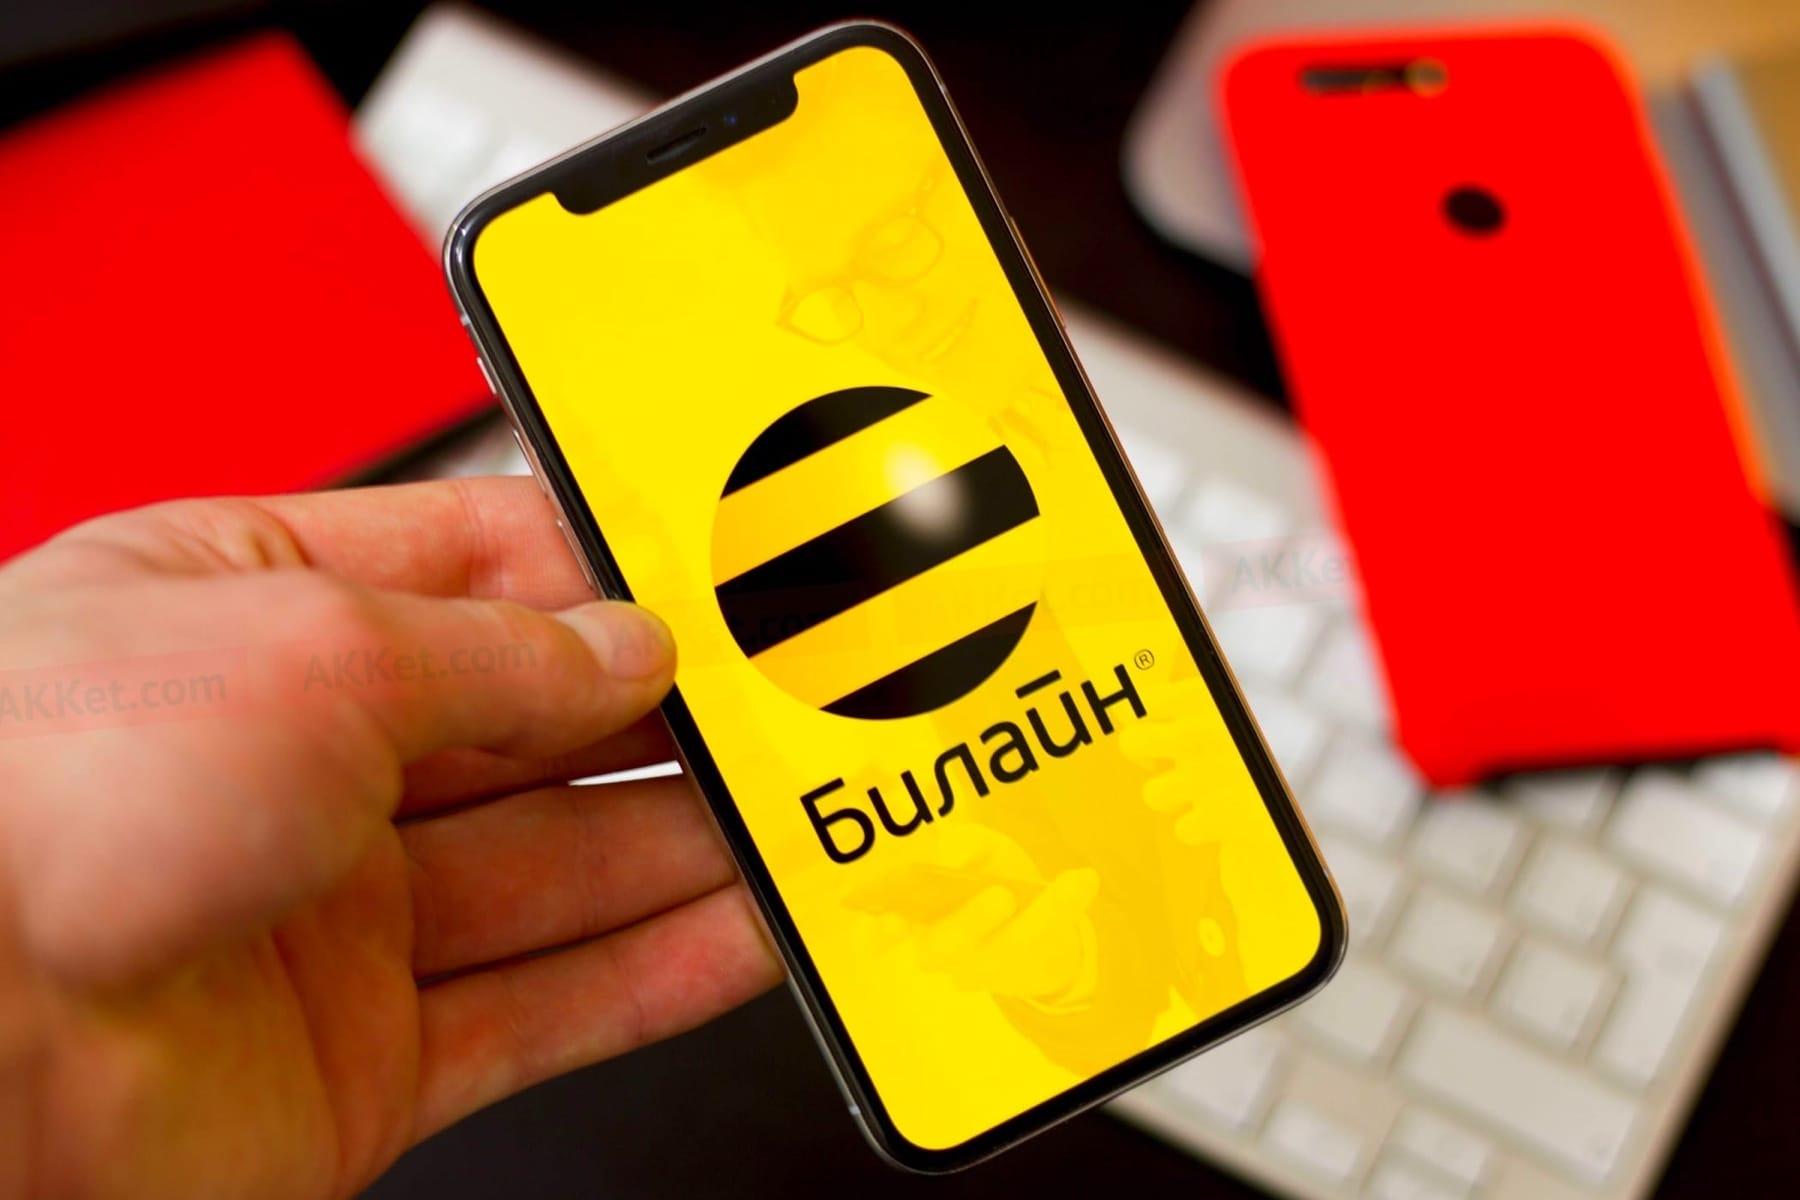 «Life.ru»: «Билайн» закрывает мессенджер Veon